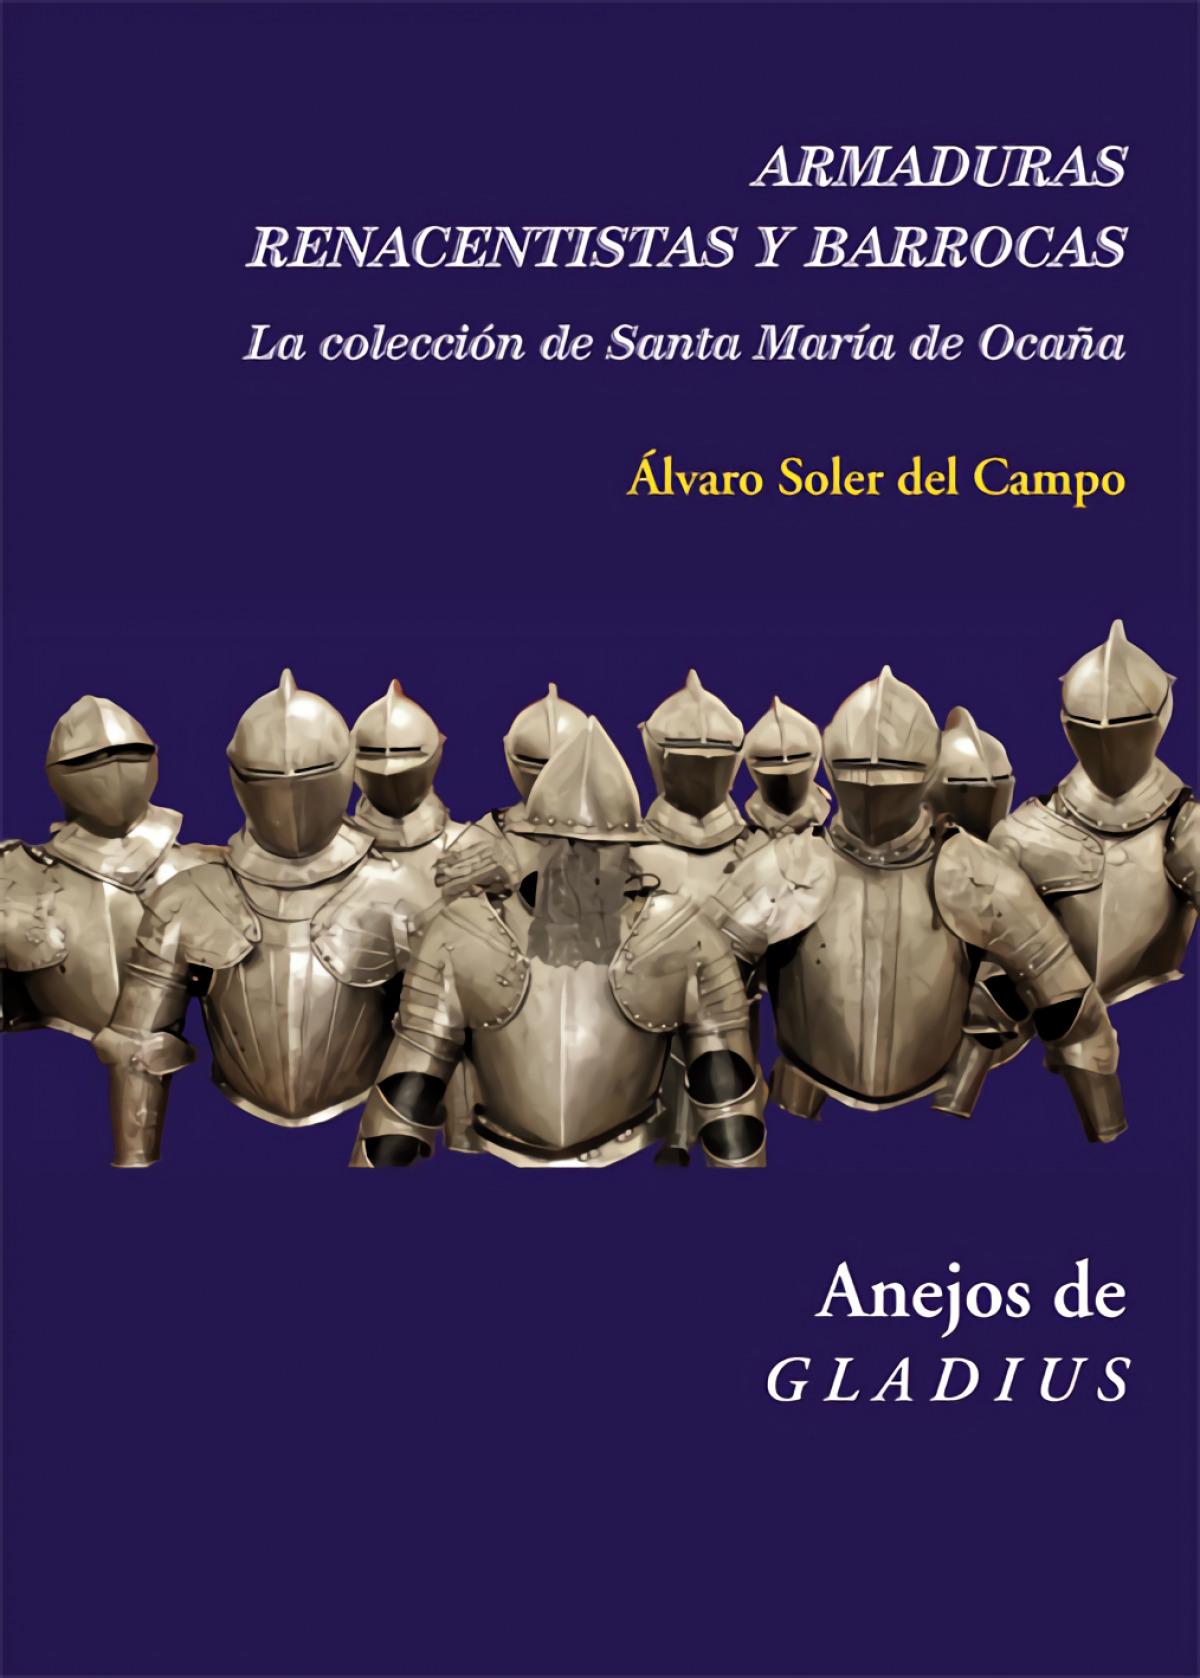 ARMADURAS RENACENTISTAS Y BARROCAS